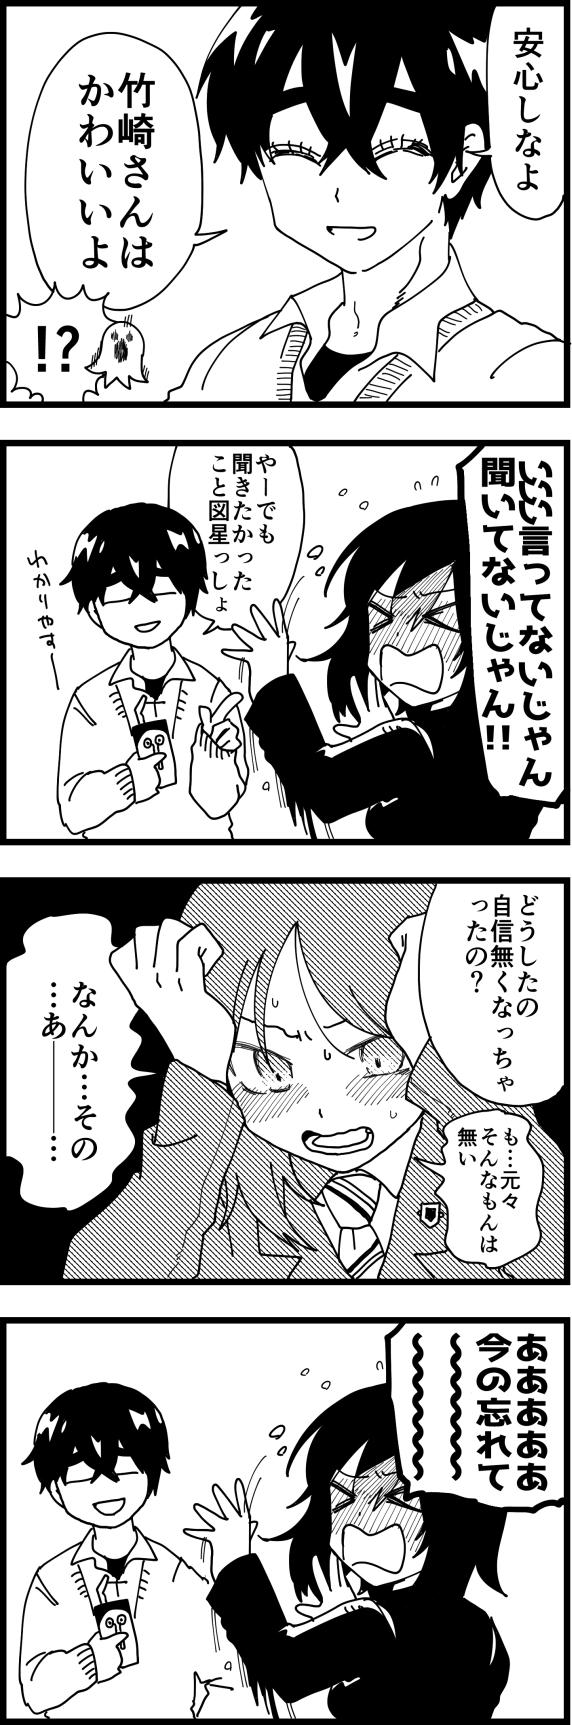 kawatake02.jpg